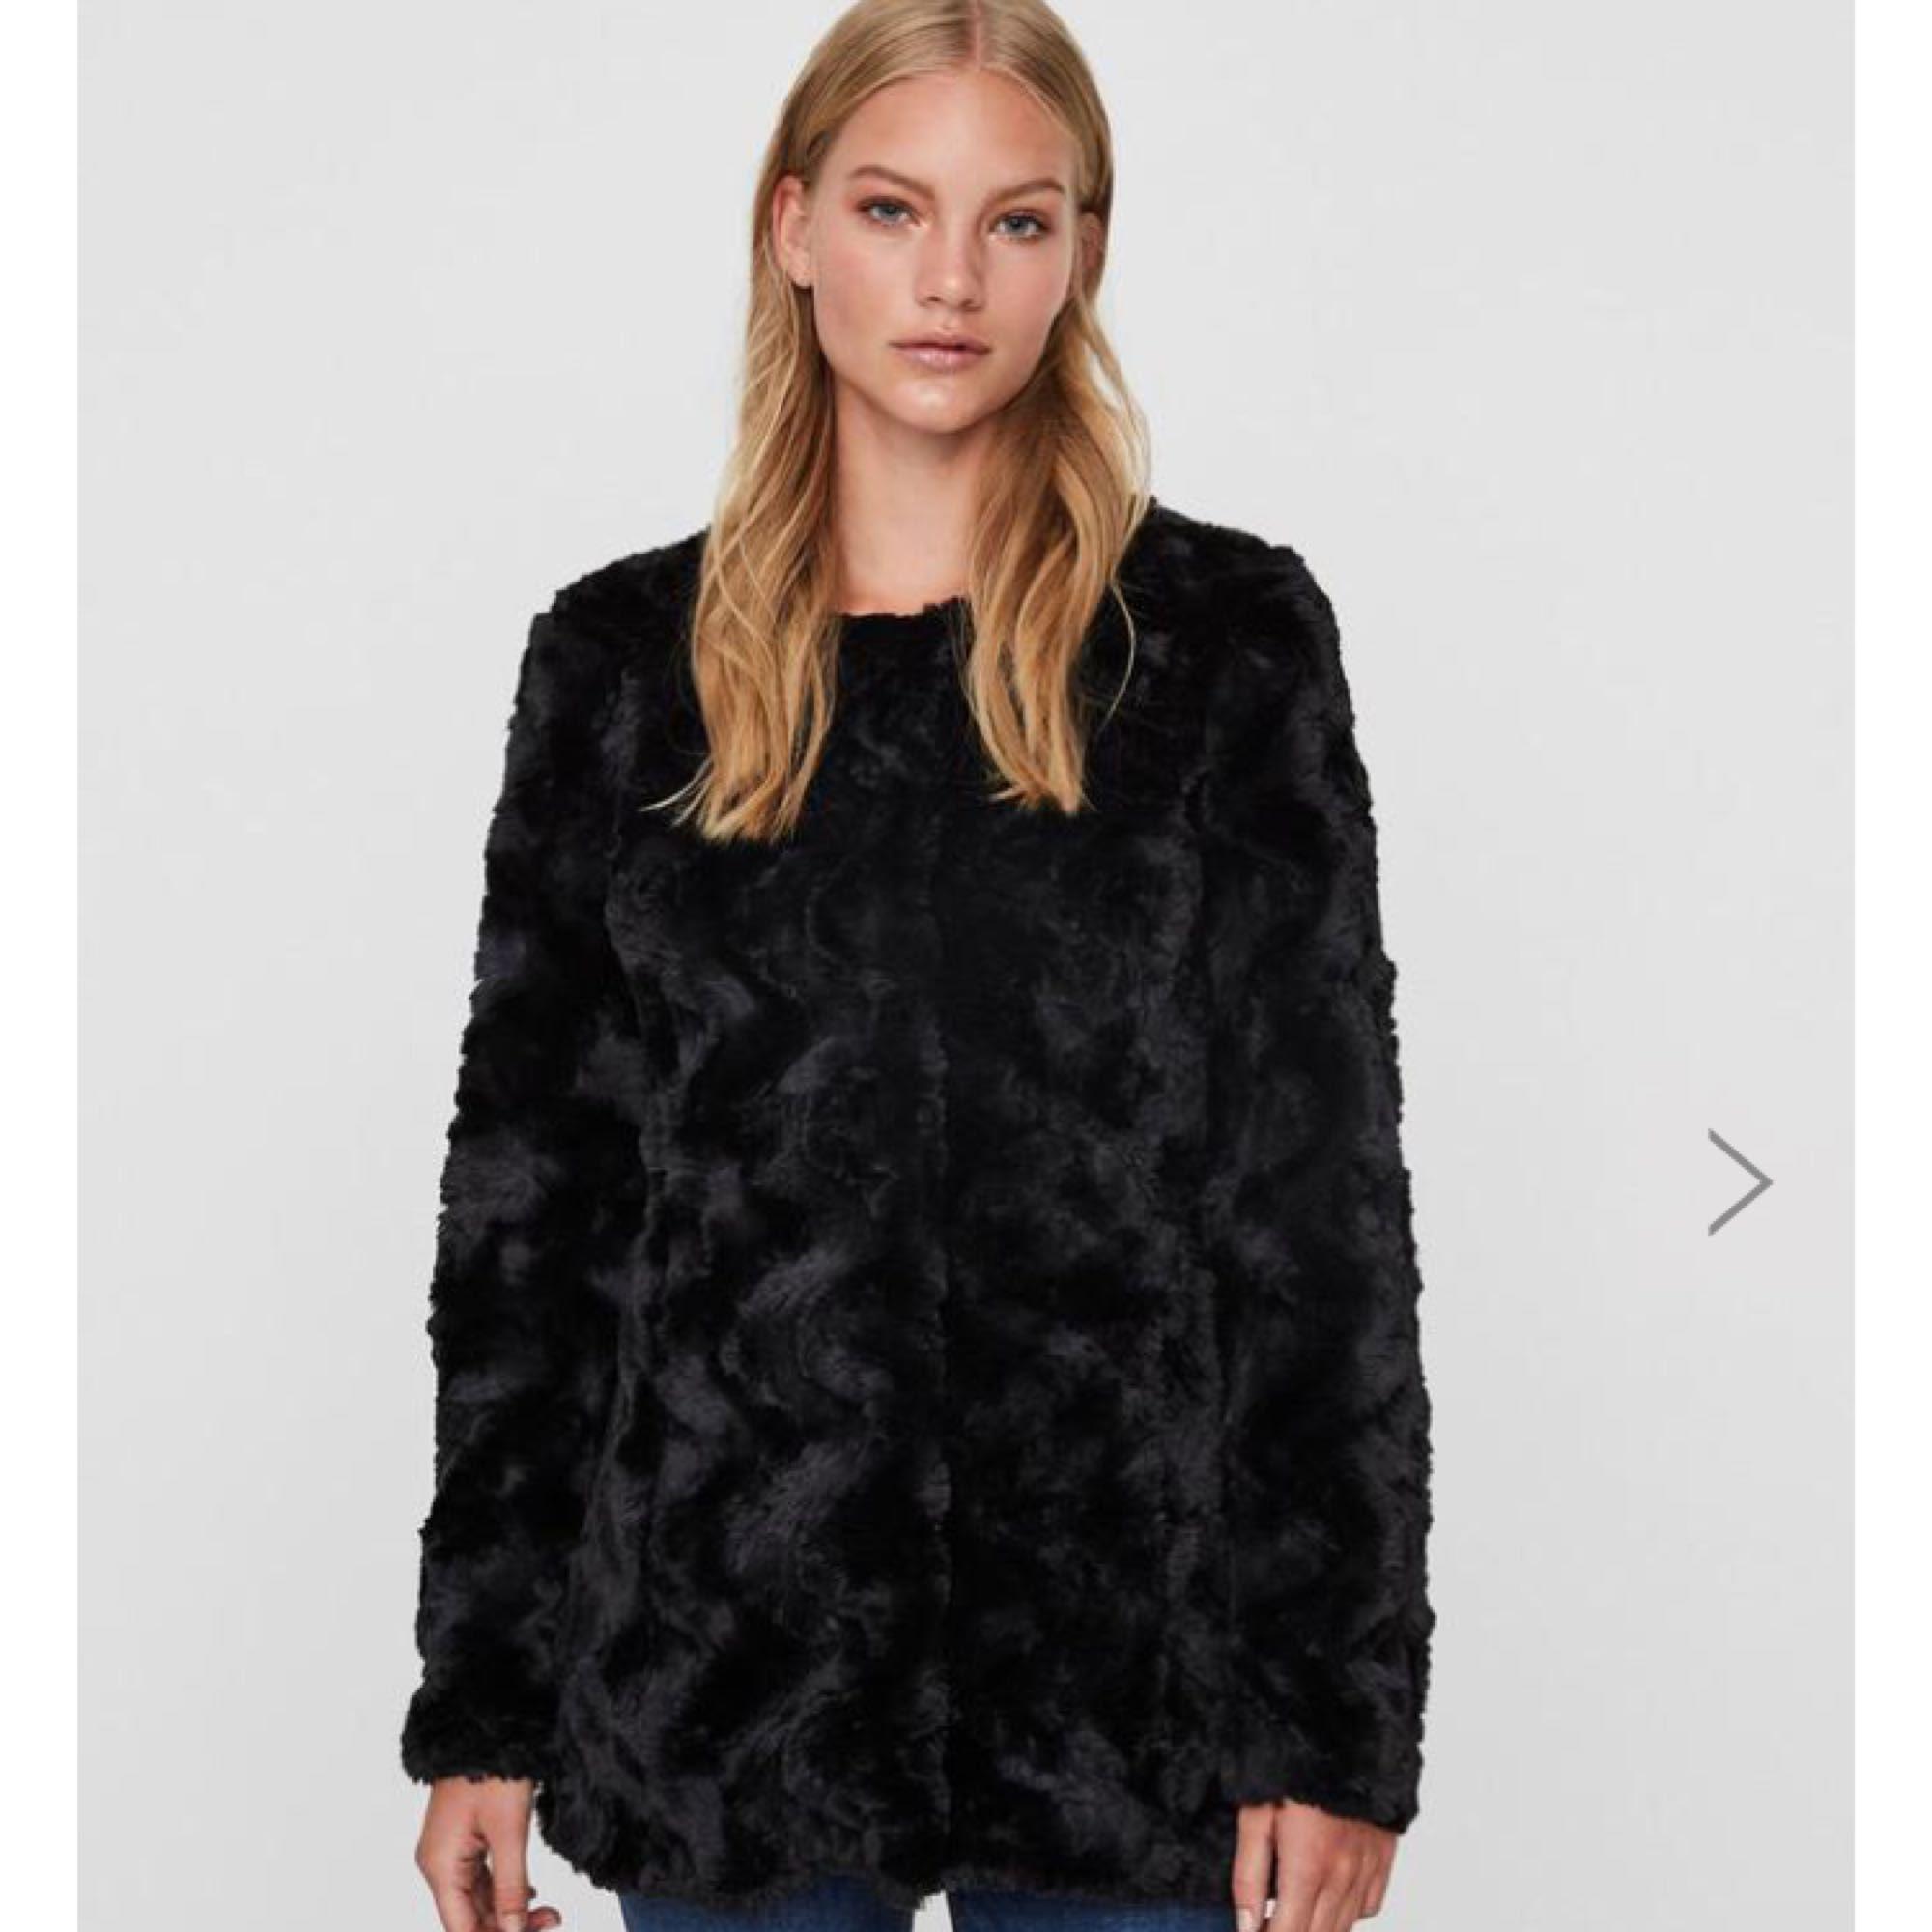 riktigt bekvämt högmode köpa billigt Bra känsliga färger special för sko vero moda svart pälsjacka ...